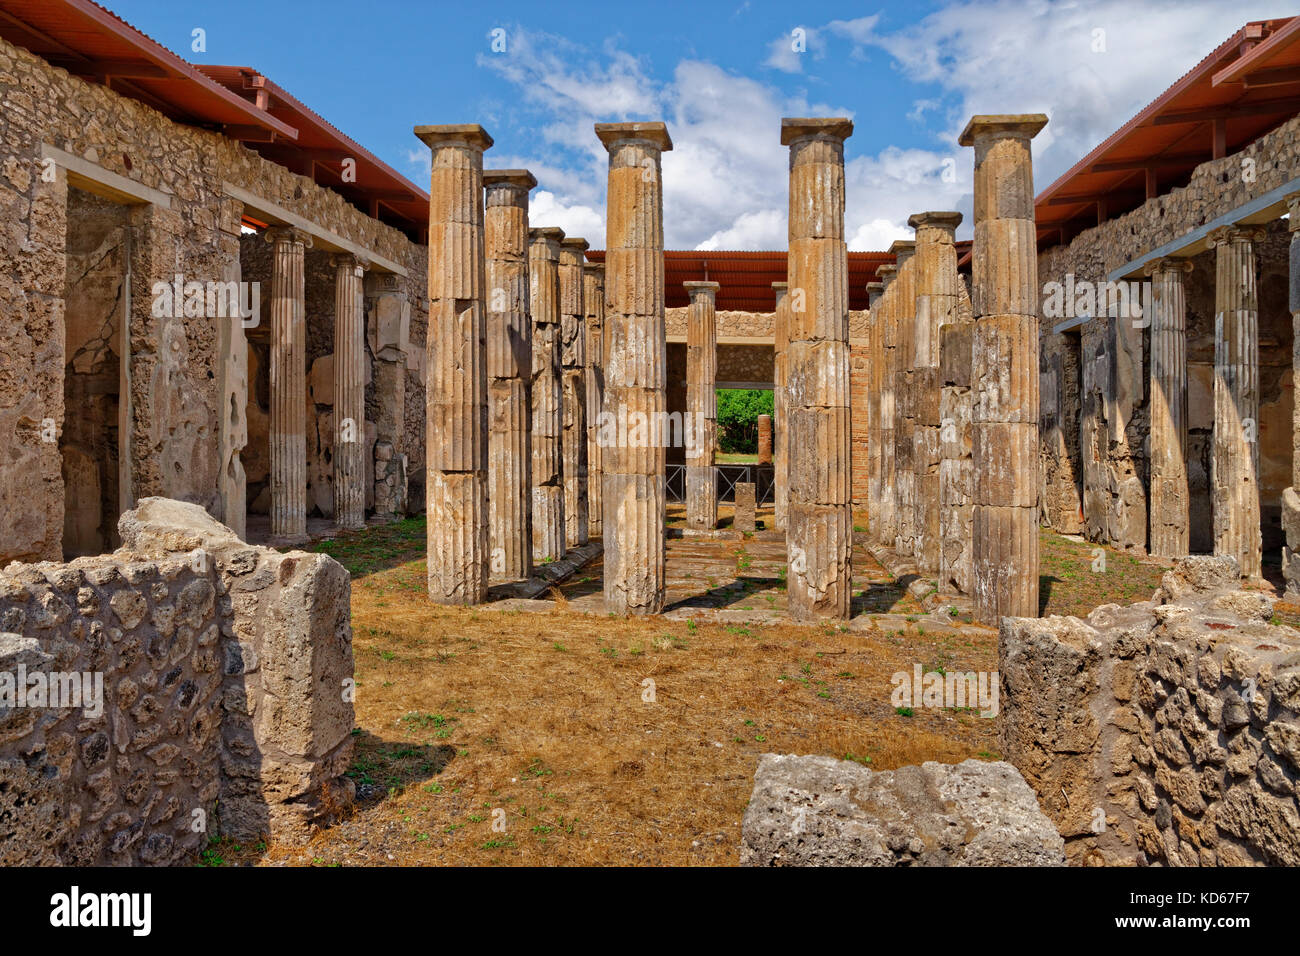 Säulenhalle Atrium ruiniert römische Stadt Pompeji in Cortona, in der Nähe von Neapel, Italien. Stockbild